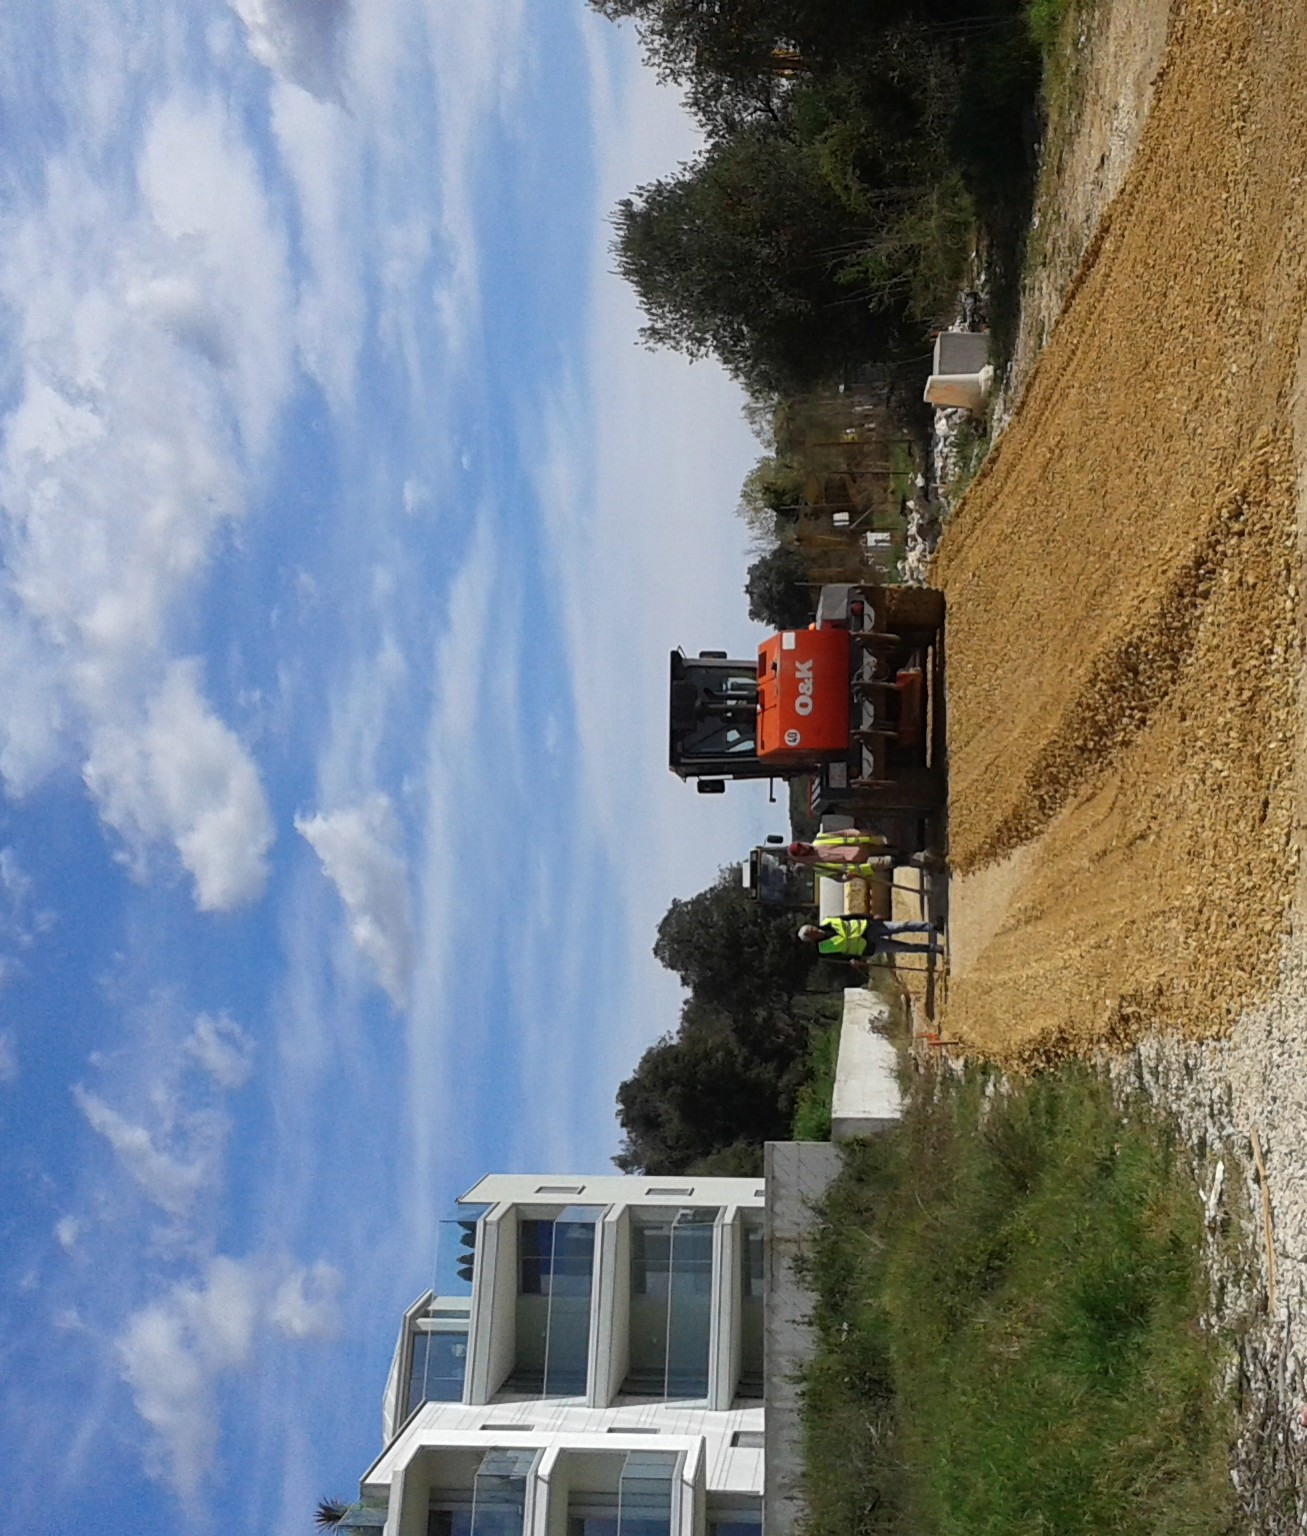 Lavori in corso all'incrocio Centener-Tartini e nell'abitato di Salteria